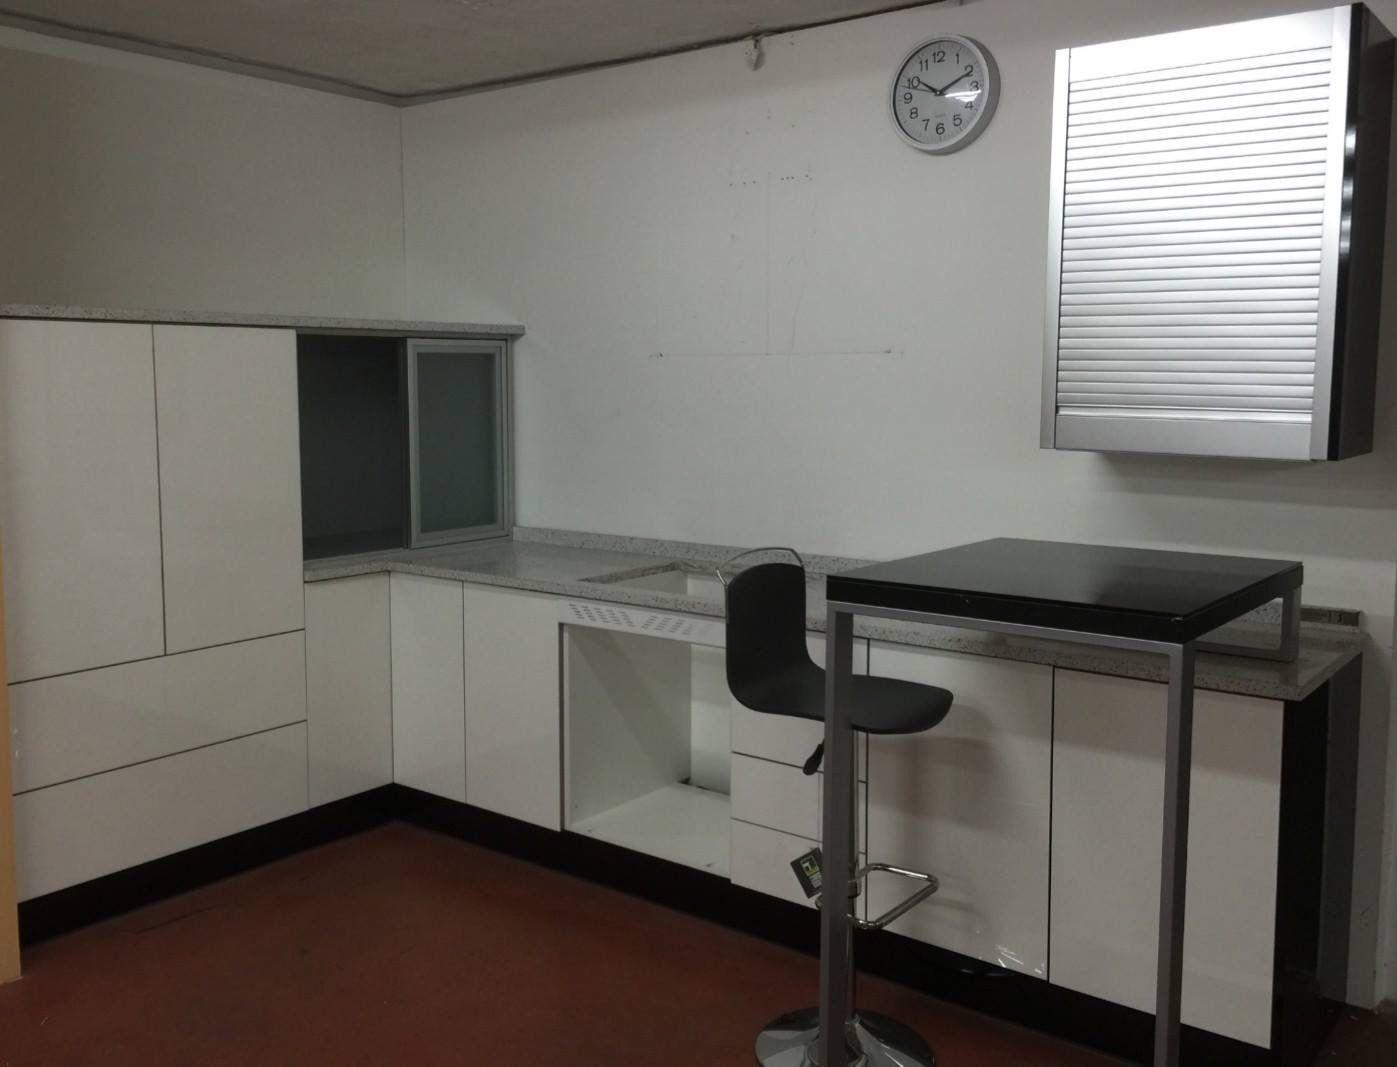 Megaliquidacion muebles de cocina luxe brillo blanco 799 - Mueble rinconera ...